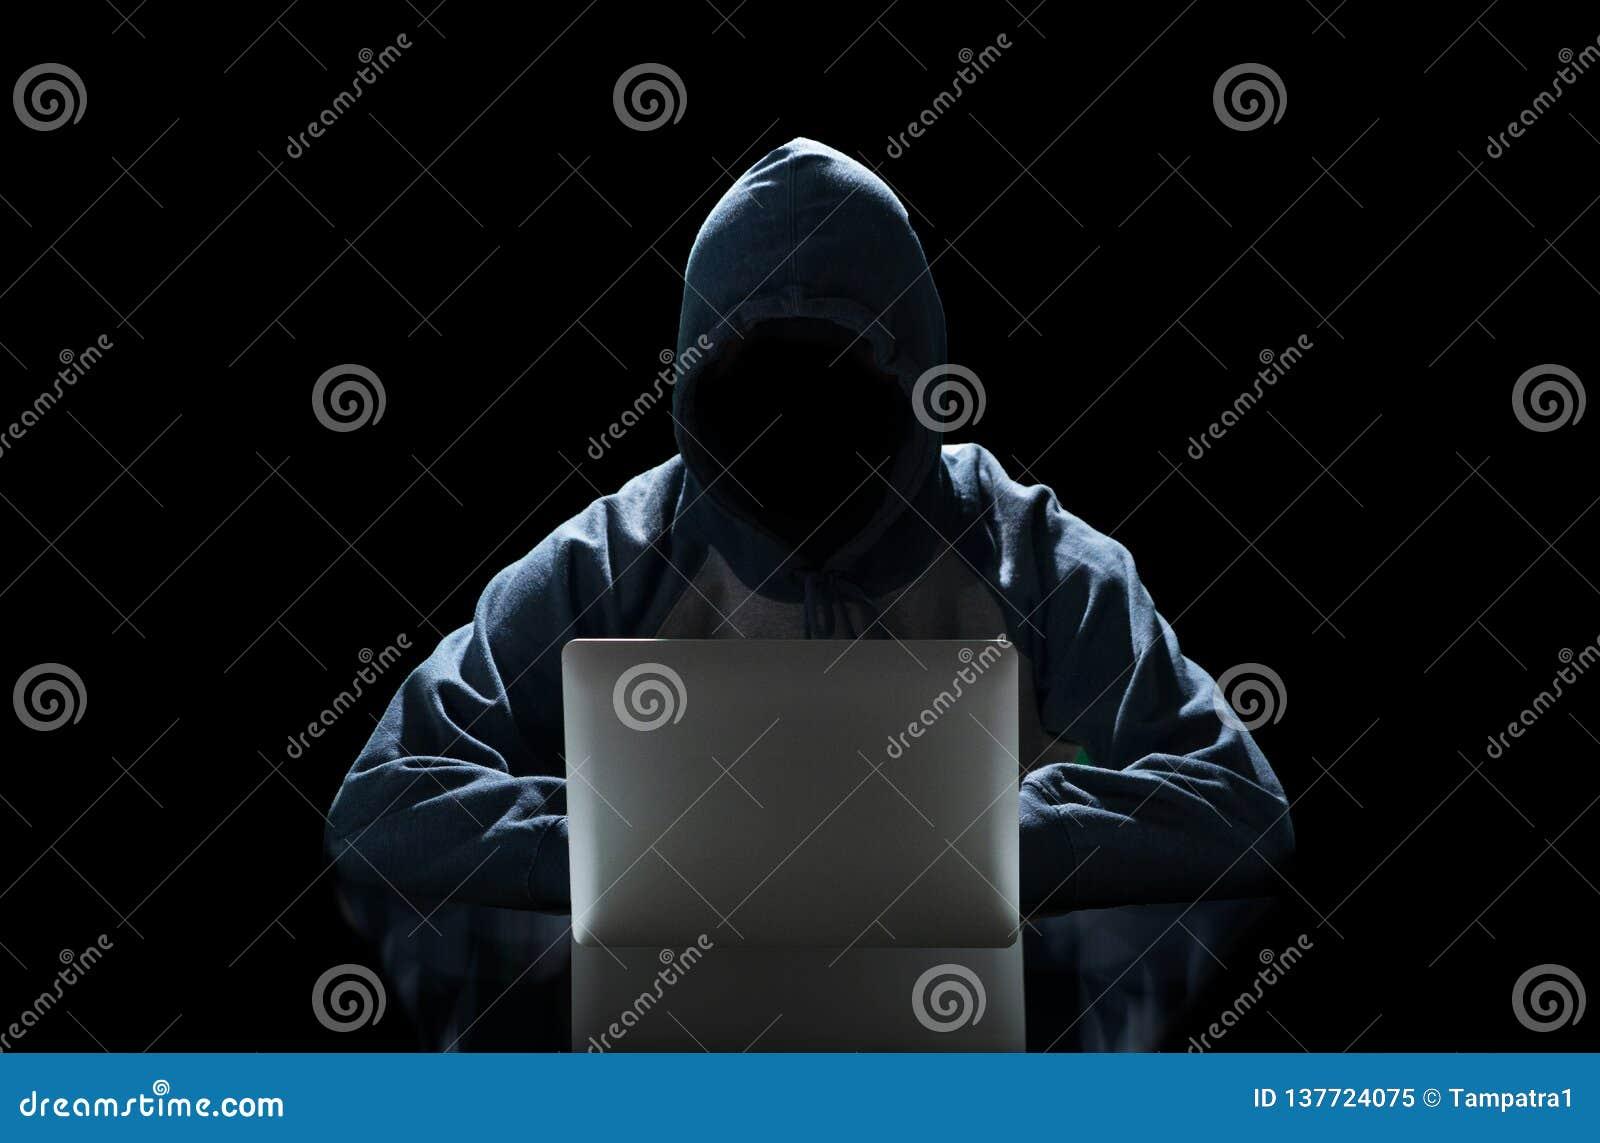 Hacker que datilografa em um portátil isolado no fundo preto com uma matriz do fundo do monitor do computador, código de dados de